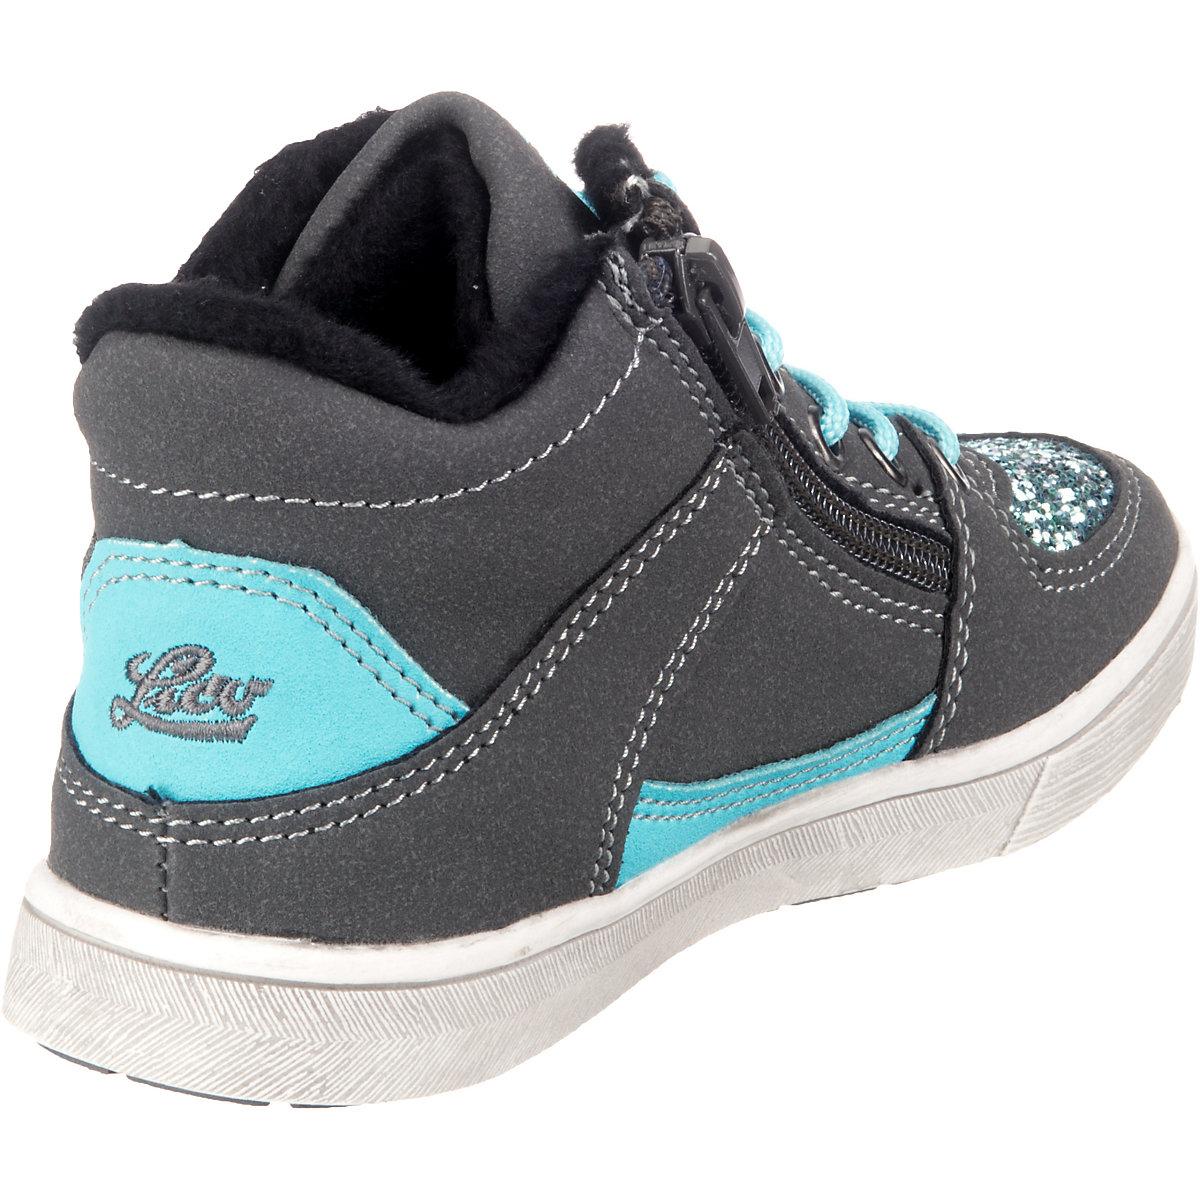 Sneakers High Priscilla, gefüttert, für Mädchen, LICO | myToys